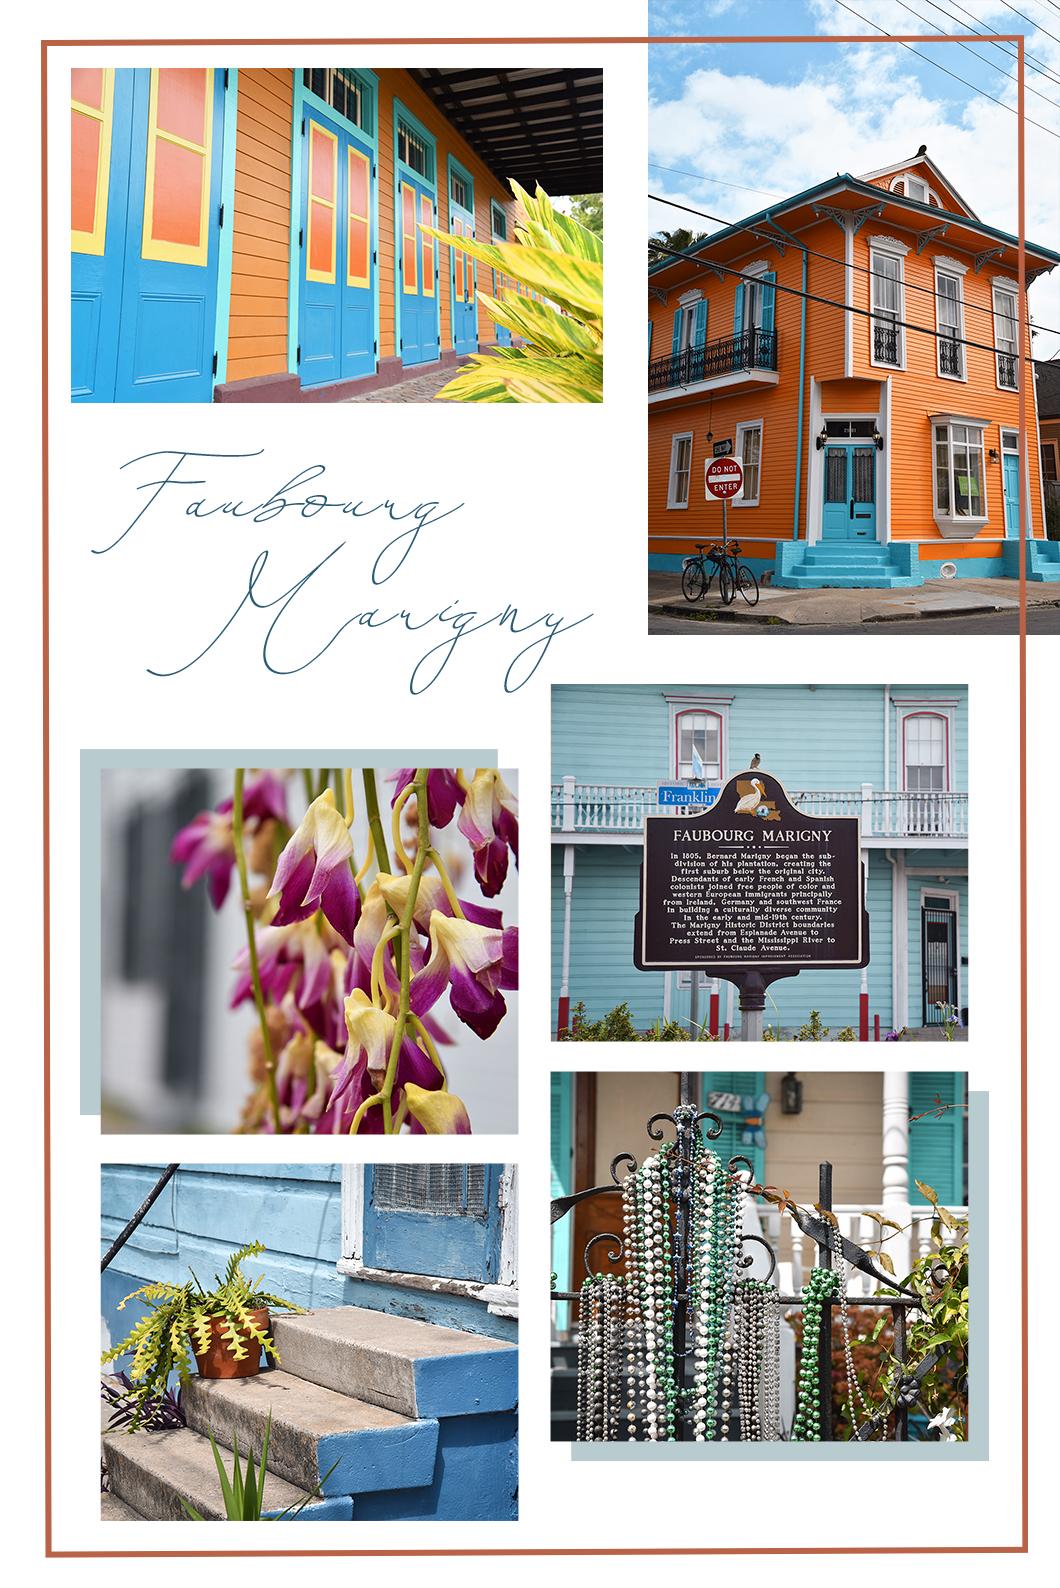 Faubourg Marigny à la Nouvelle Orléans